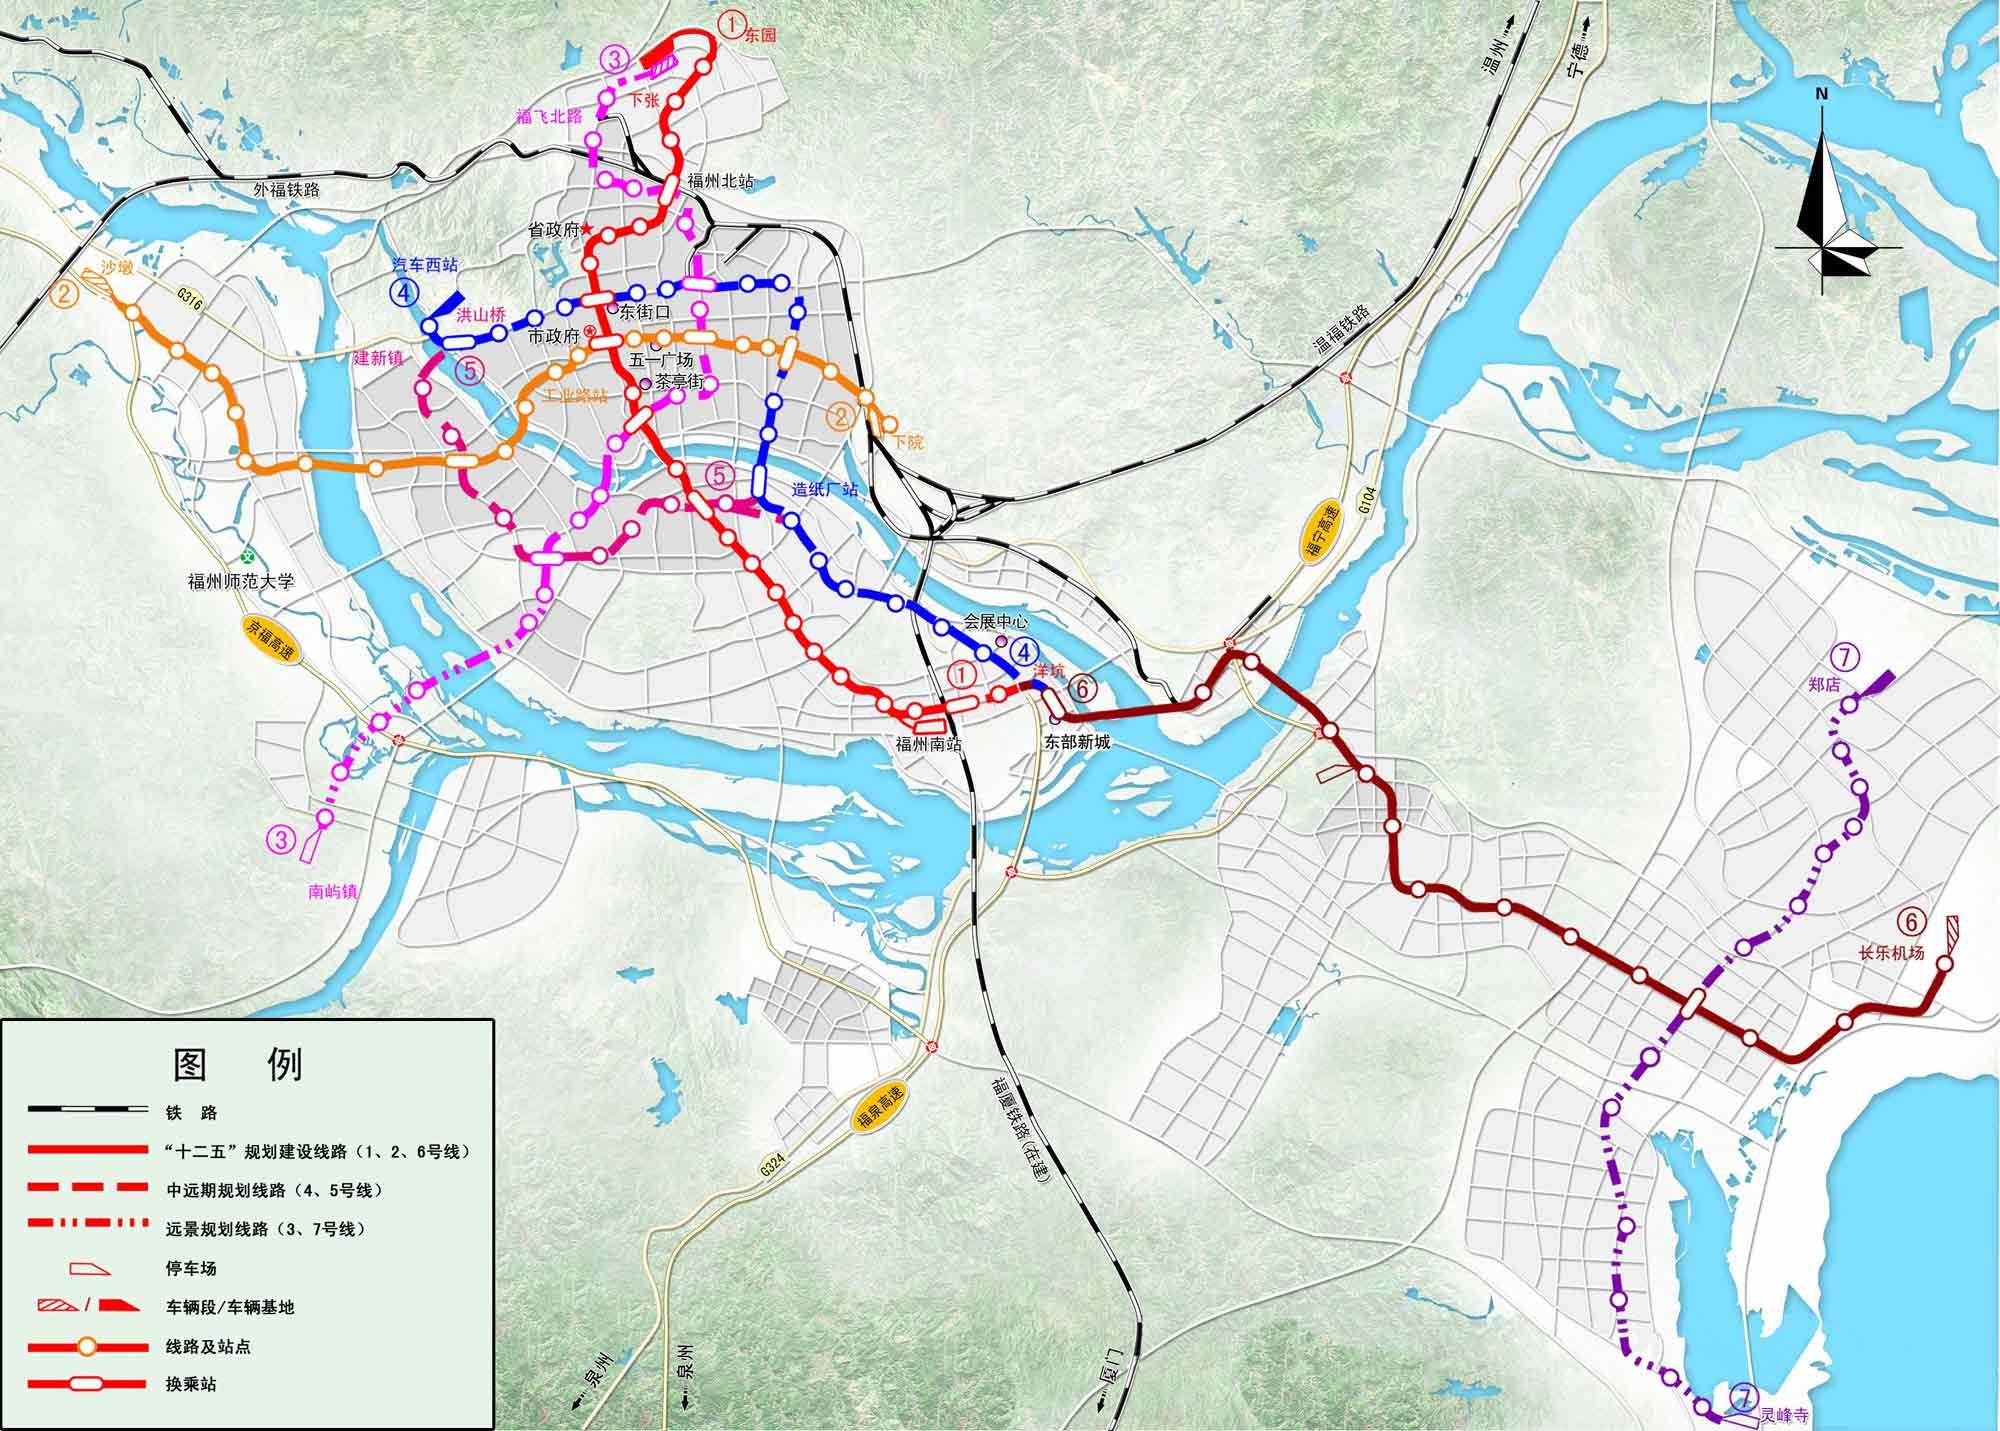 福州地铁5号线路图_福州地铁线路图_福州地铁规划图_福州地铁规划线路图